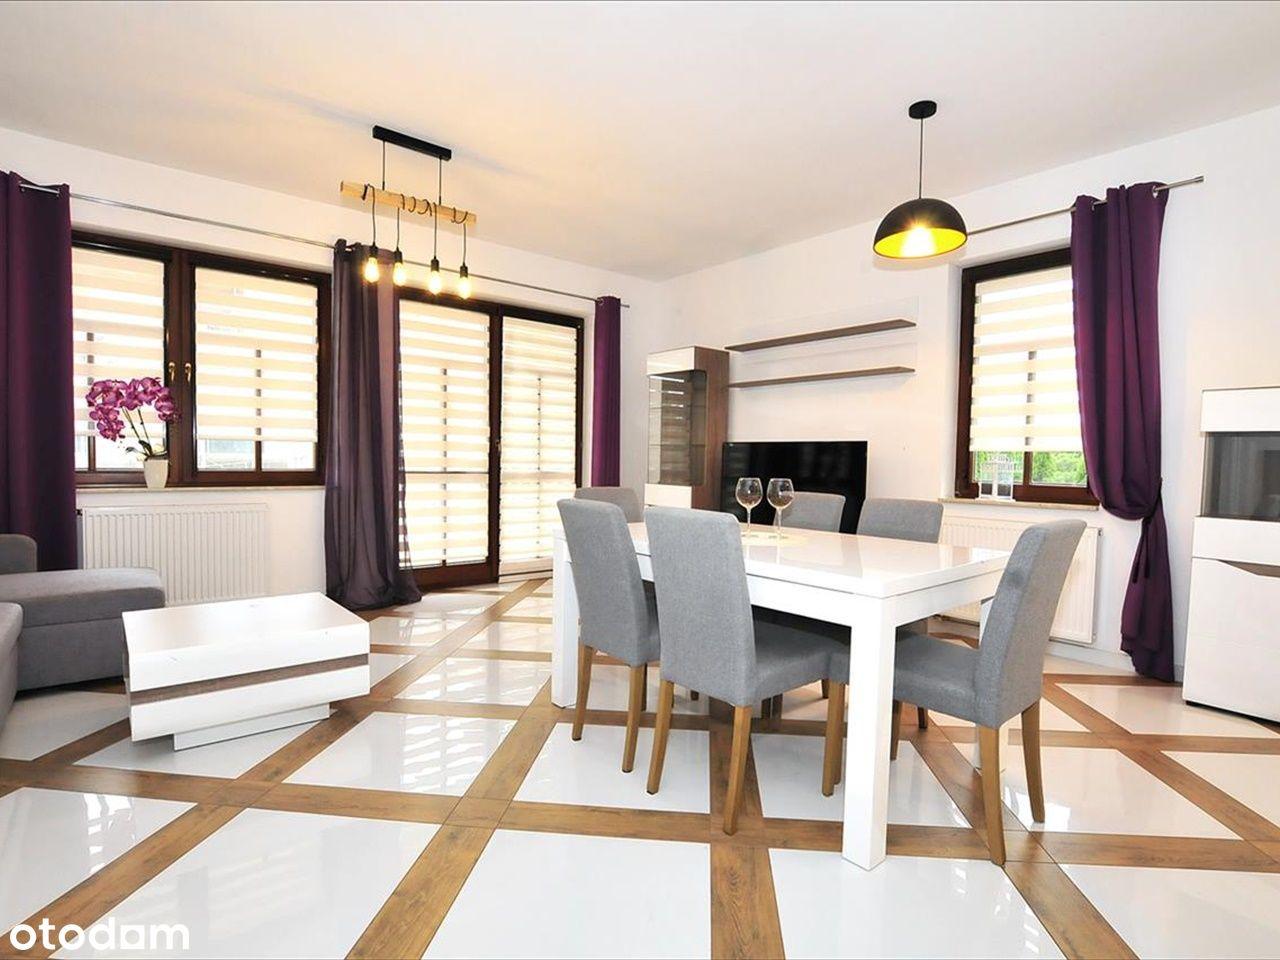 Nałęczów Apartamenty Zdrojowe A1 100 m2